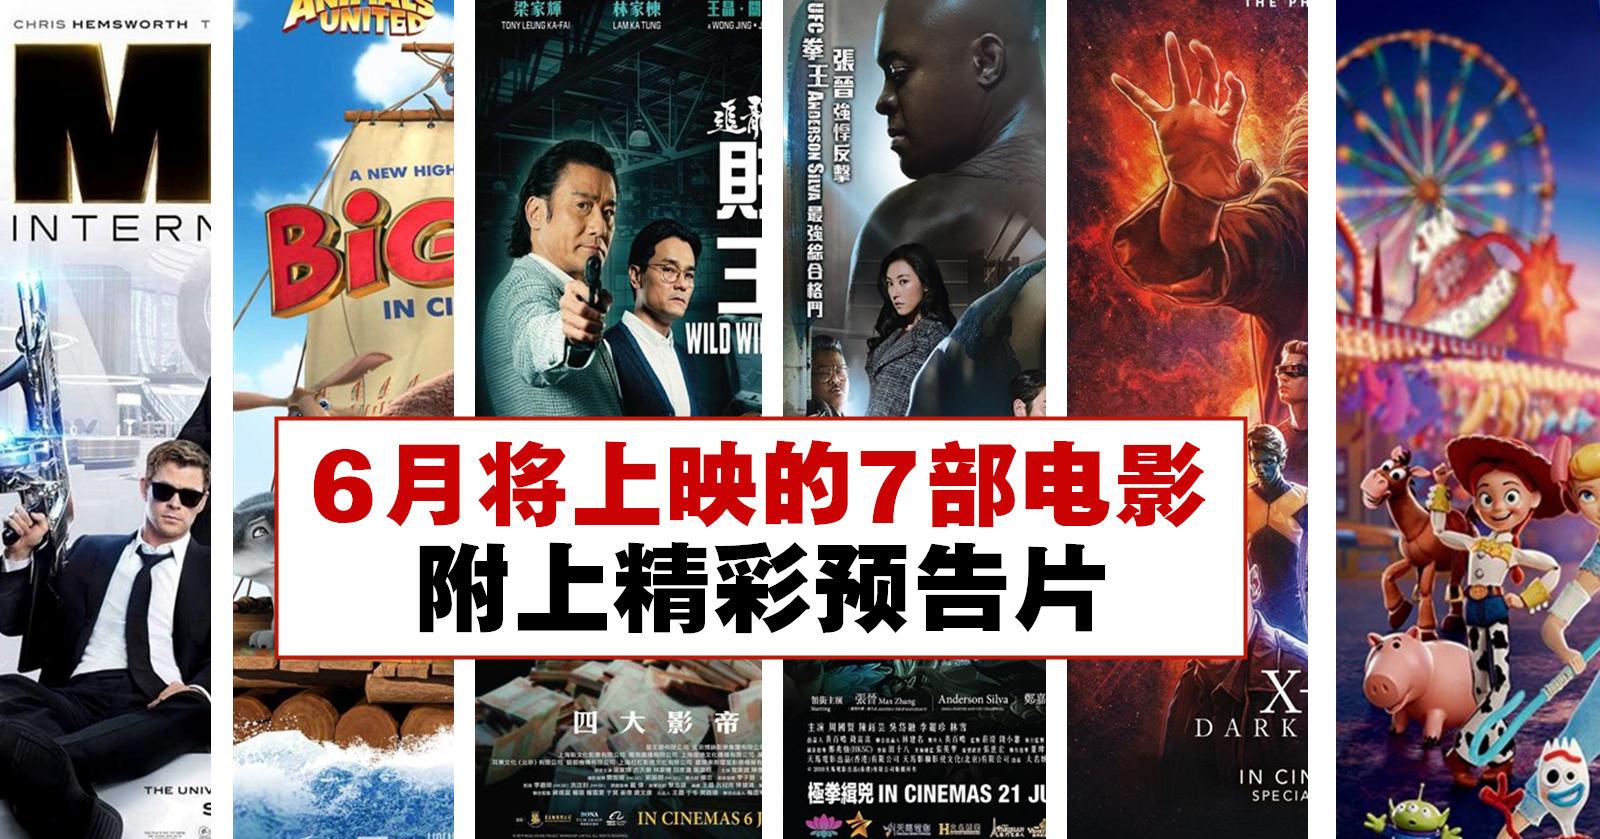 6月将上映的7部电影